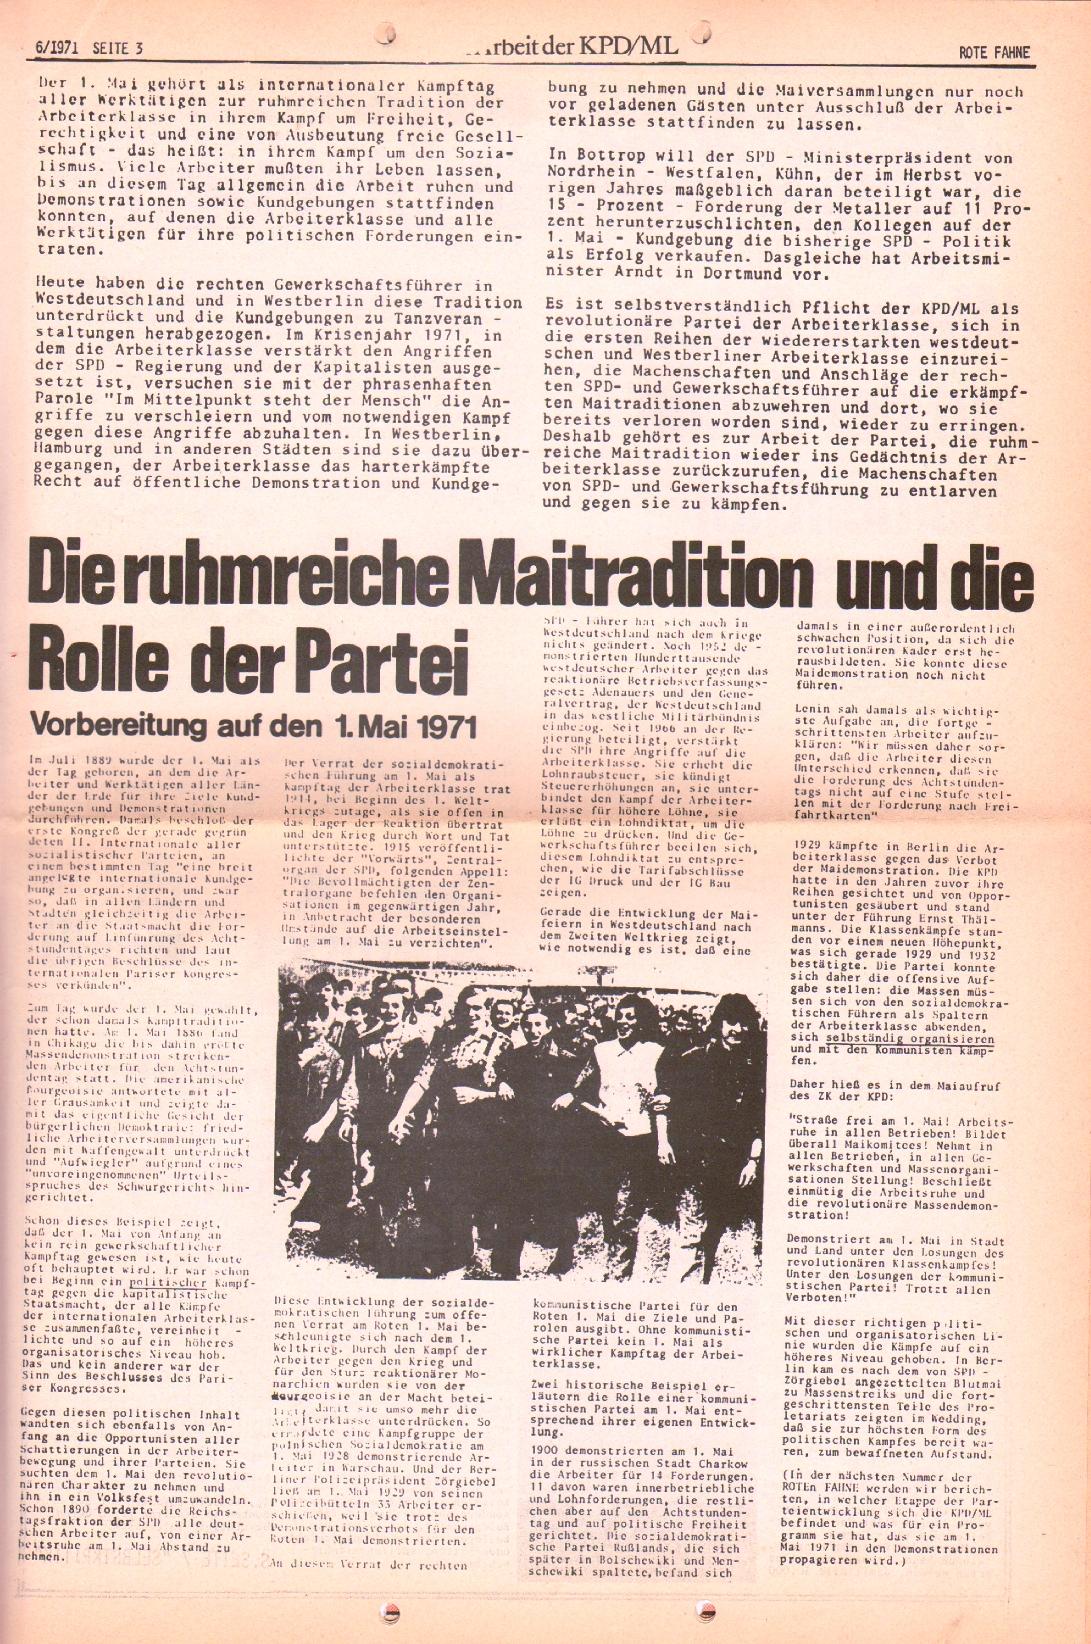 Rote Fahne, 2. Jg., 29.3.1971, Nr. 6, Seite 3